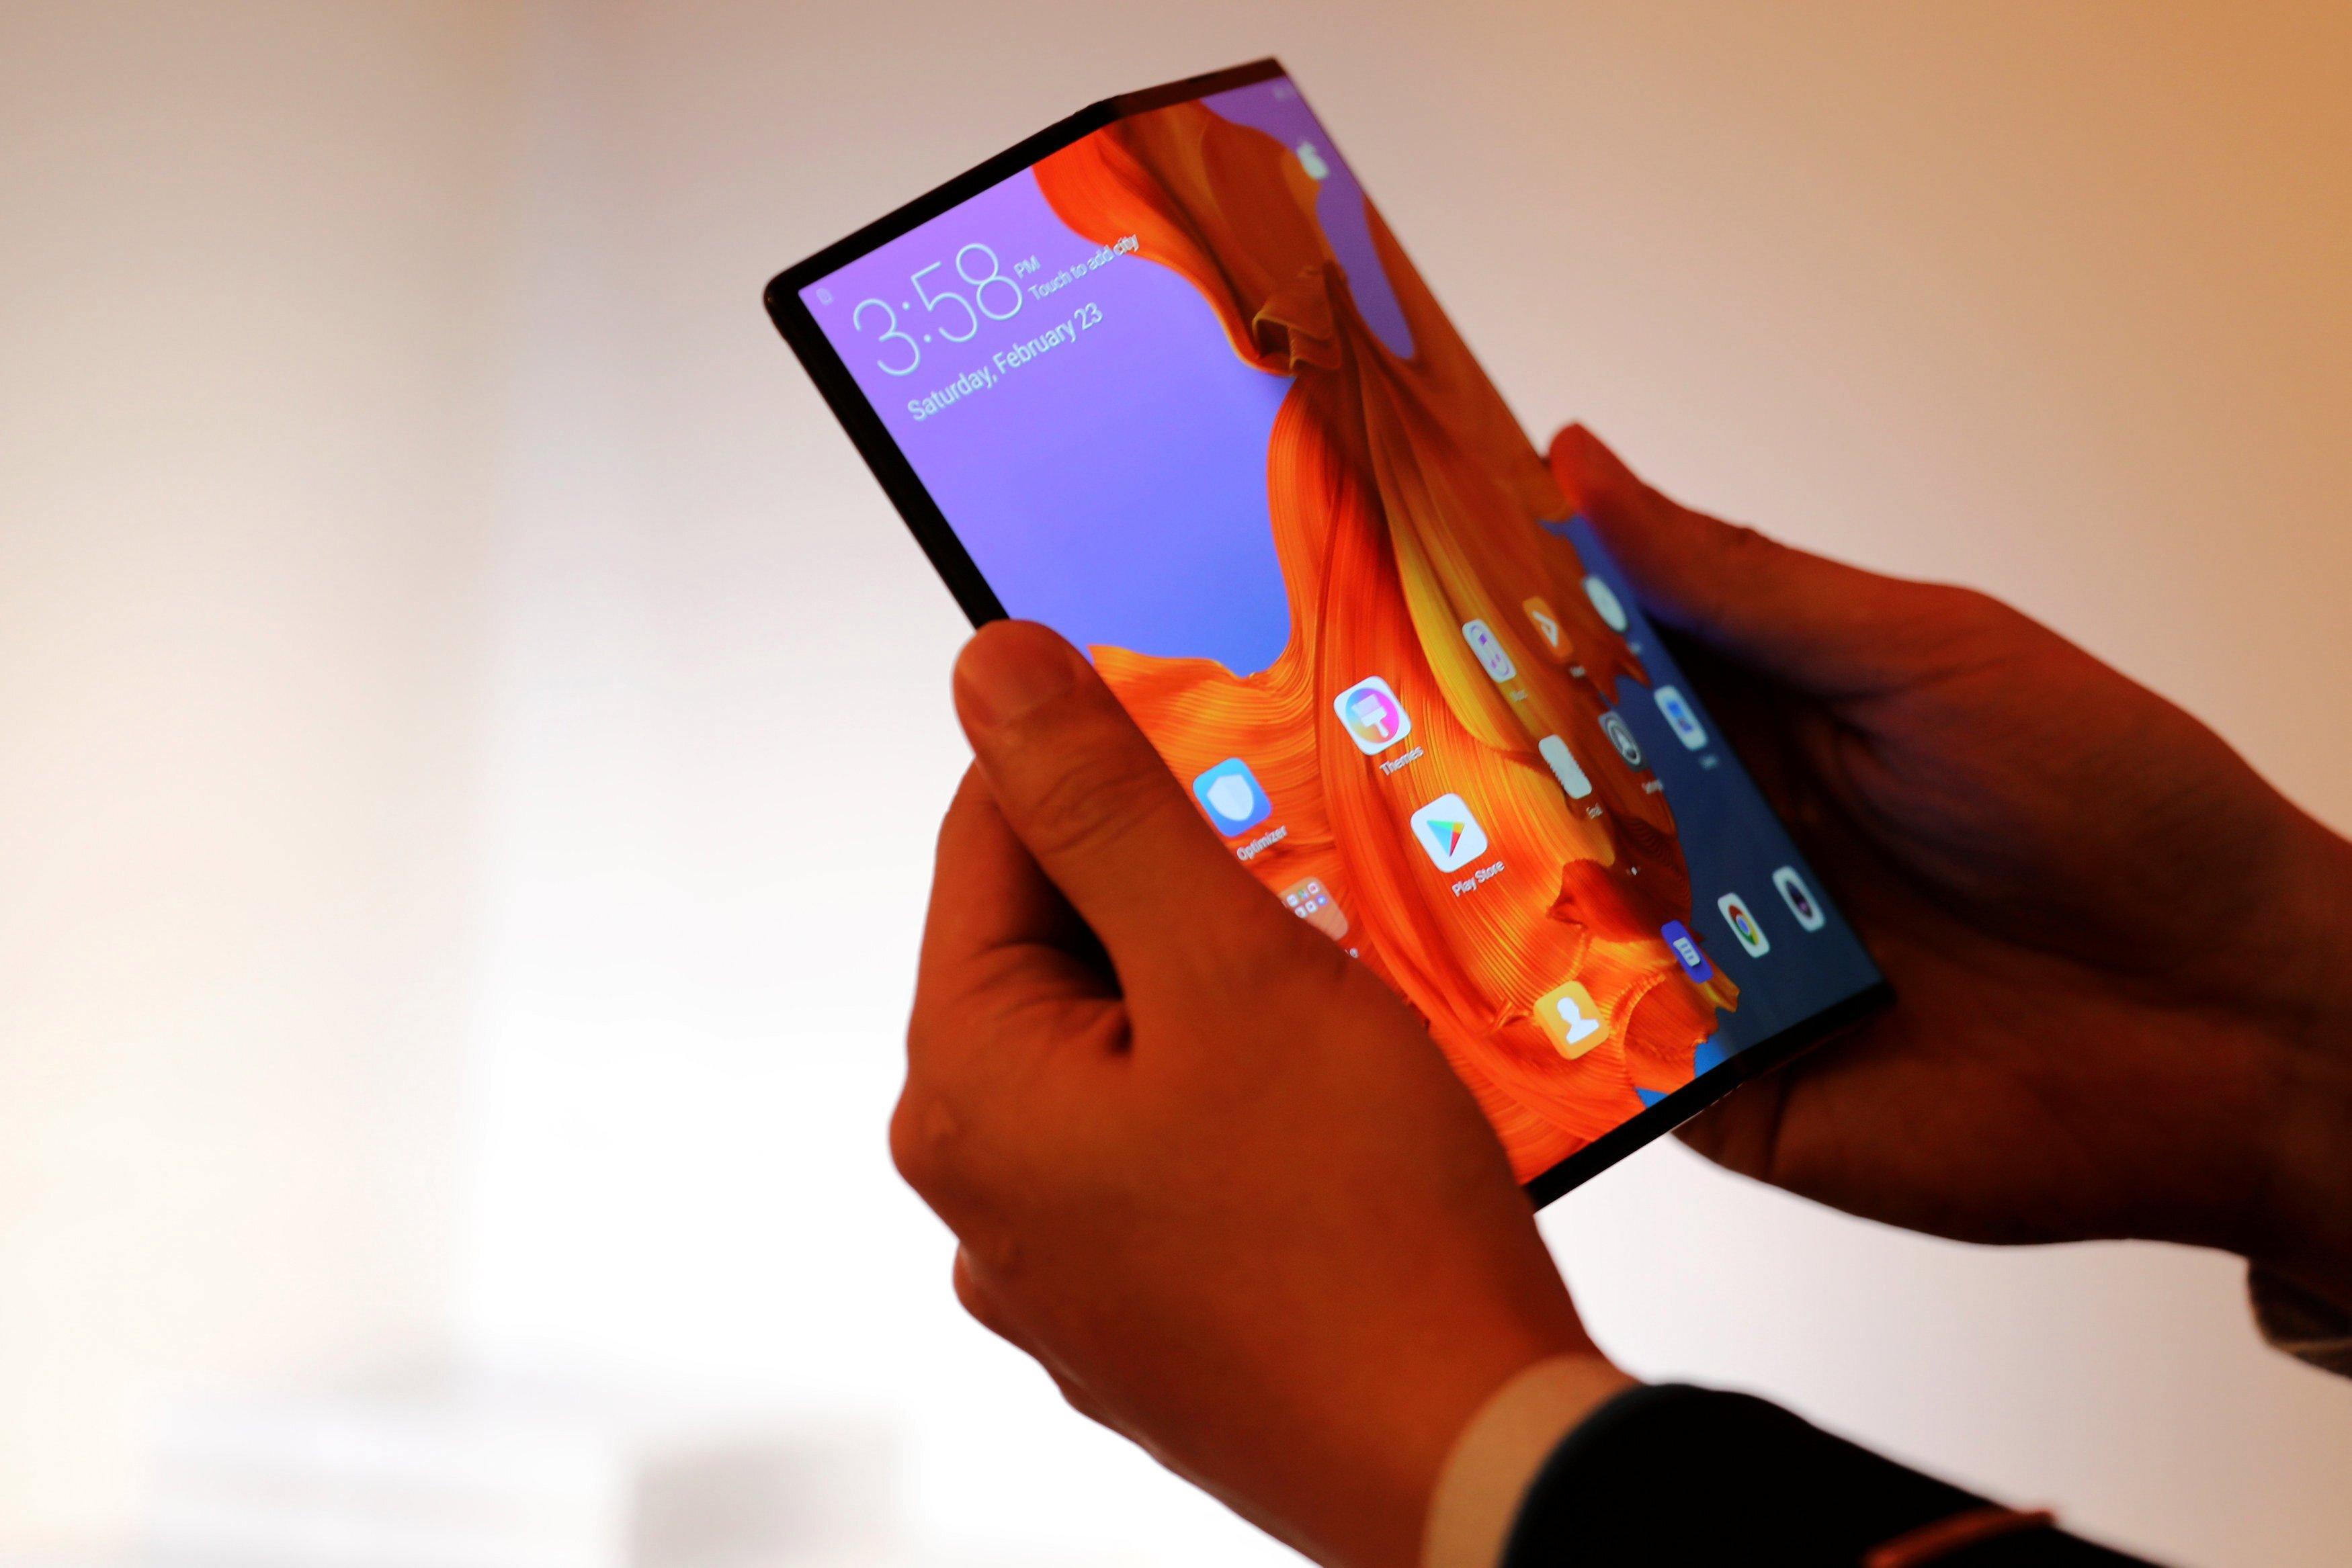 Samsung займётся производством гибких дисплеев для складных смартфонов Google